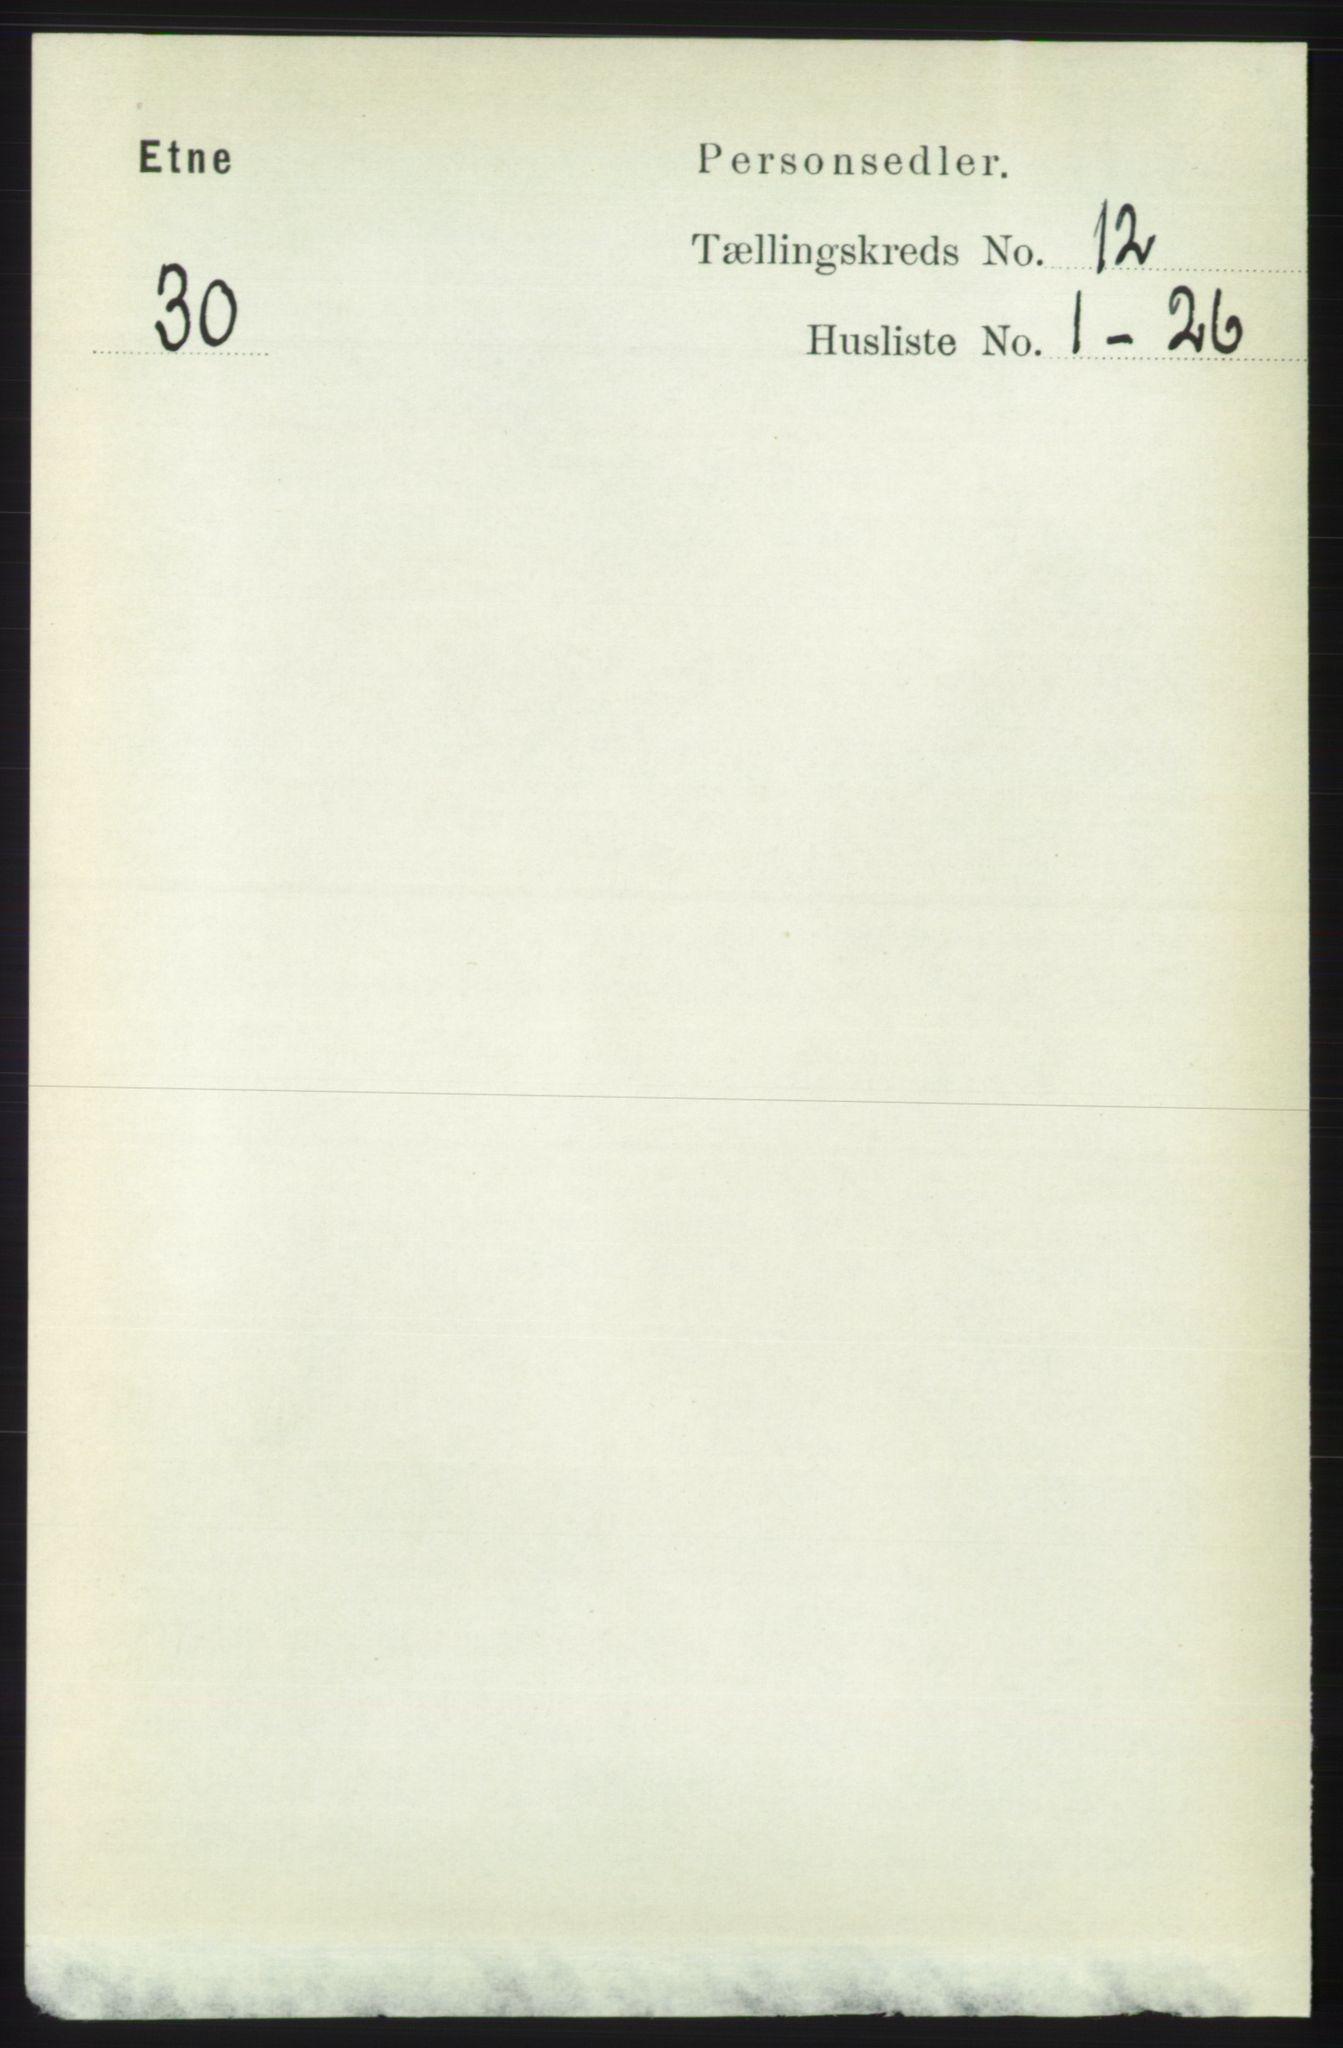 RA, Folketelling 1891 for 1211 Etne herred, 1891, s. 2554